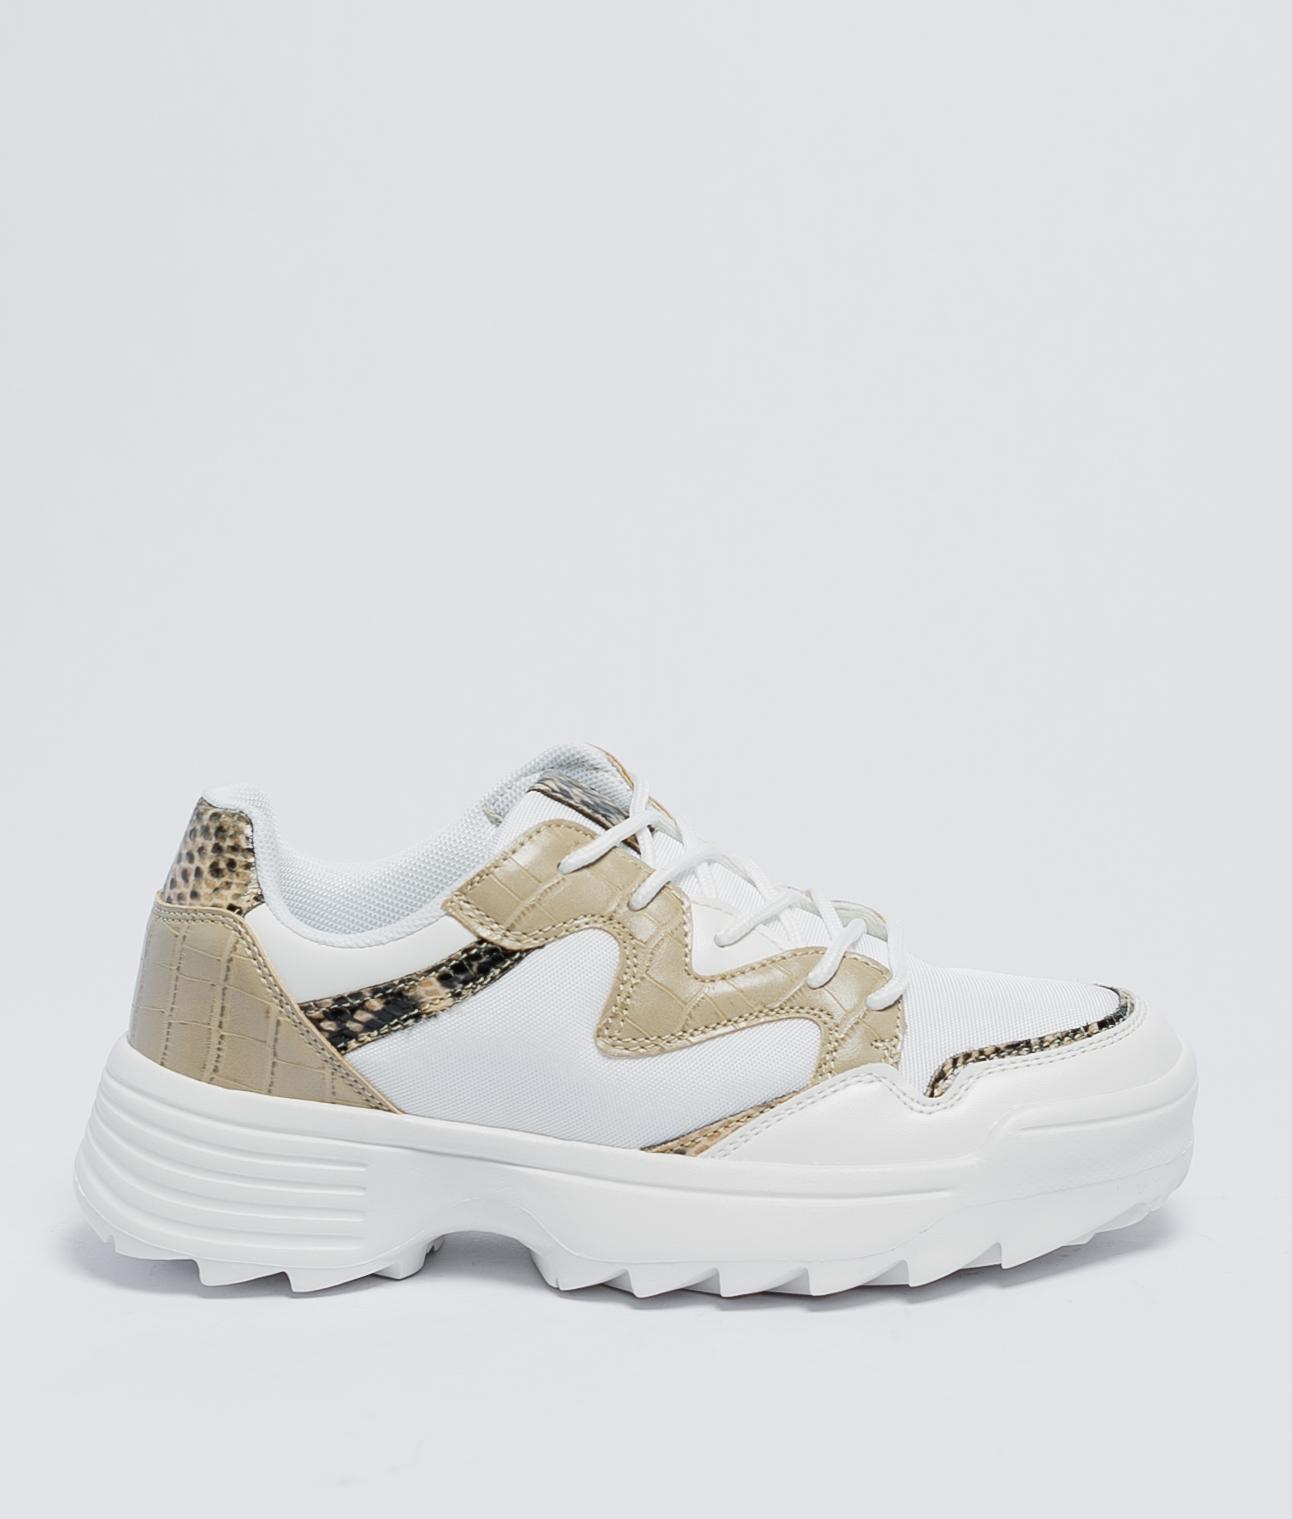 Sneakers Graza - Bege